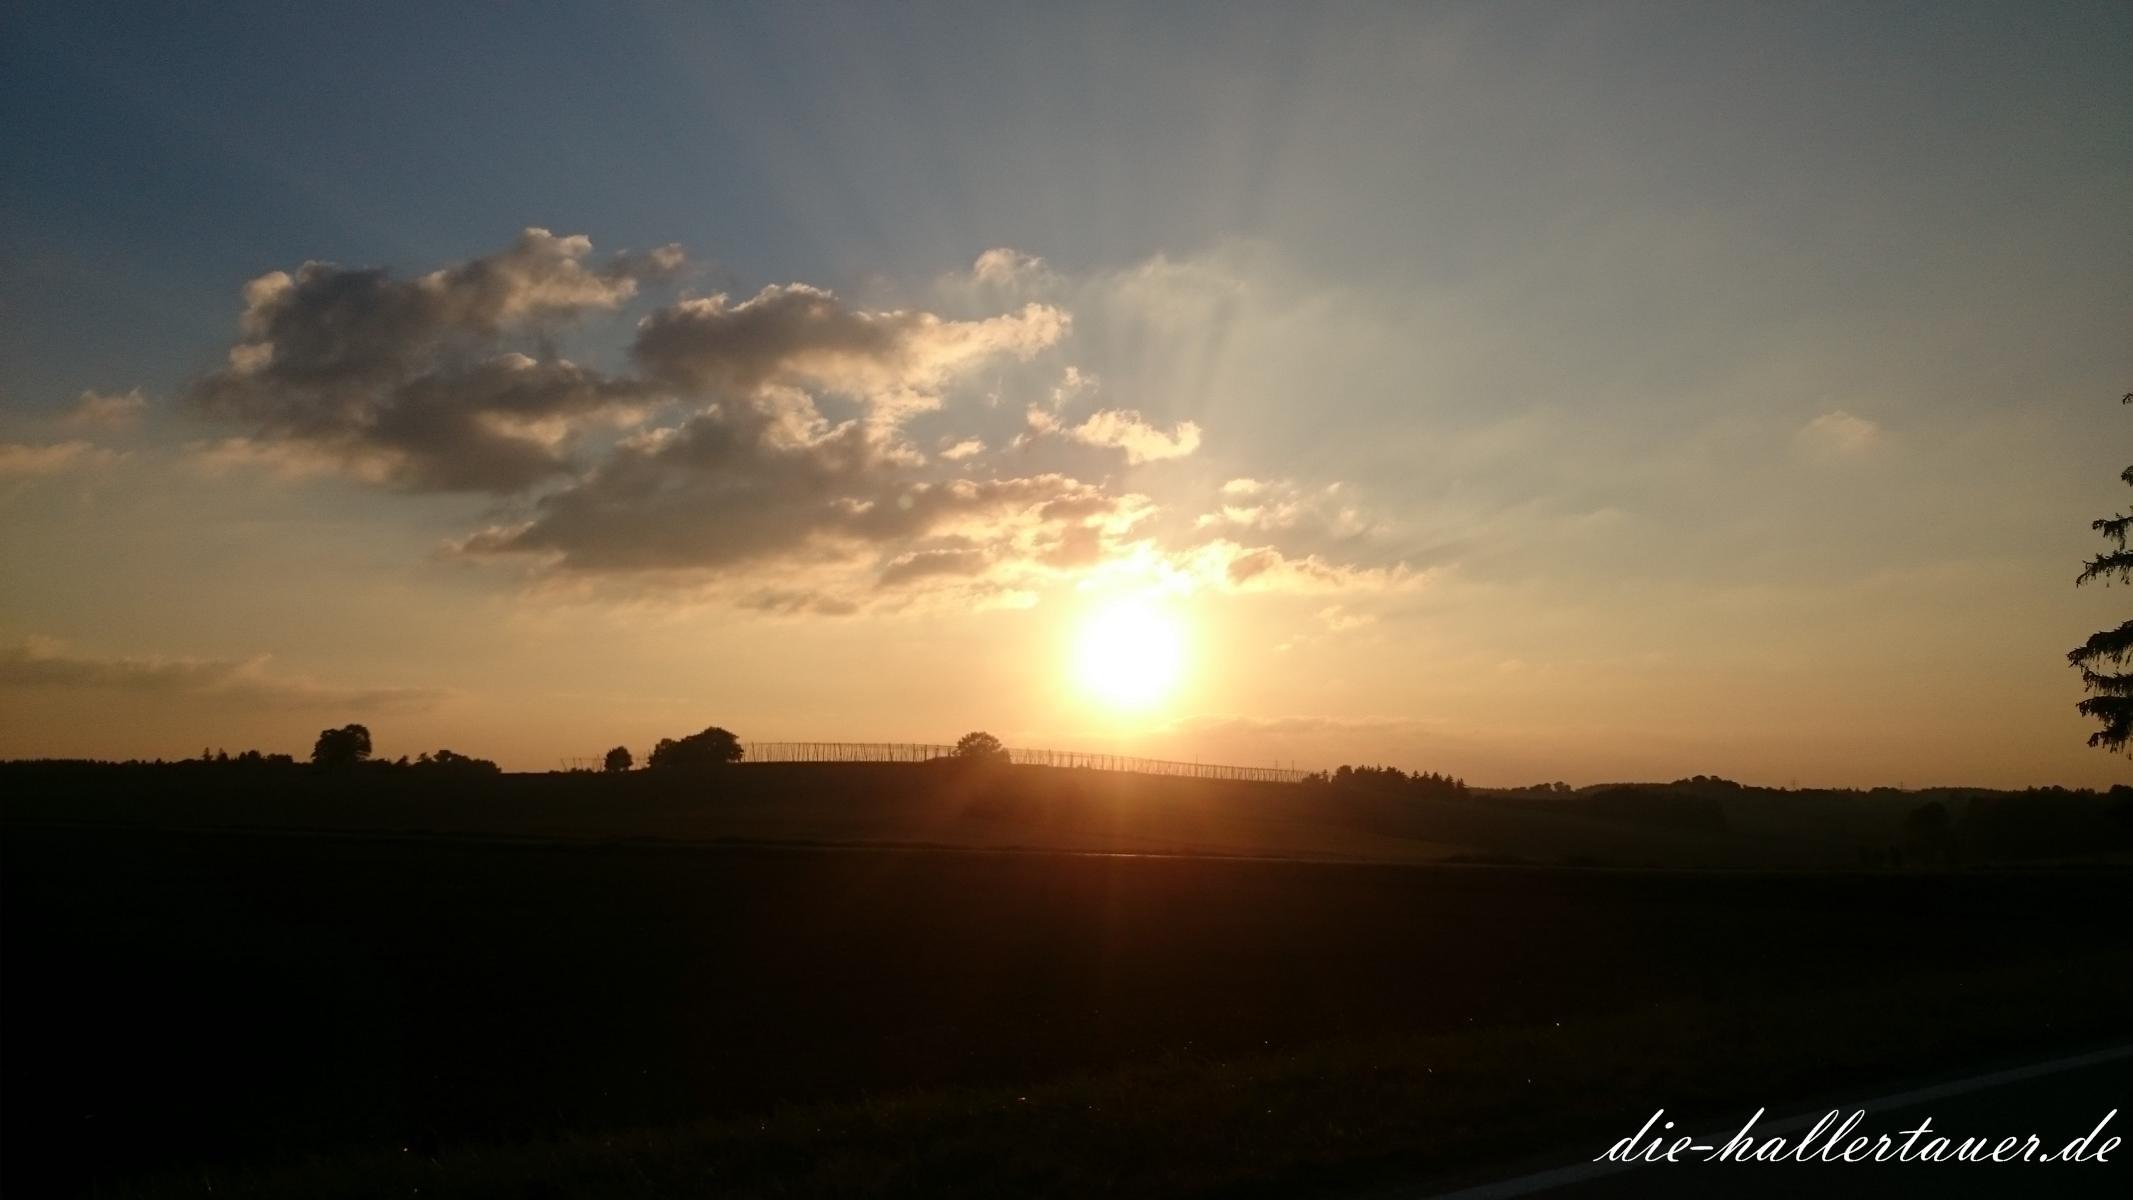 Sonne hinterm Hopfengarten